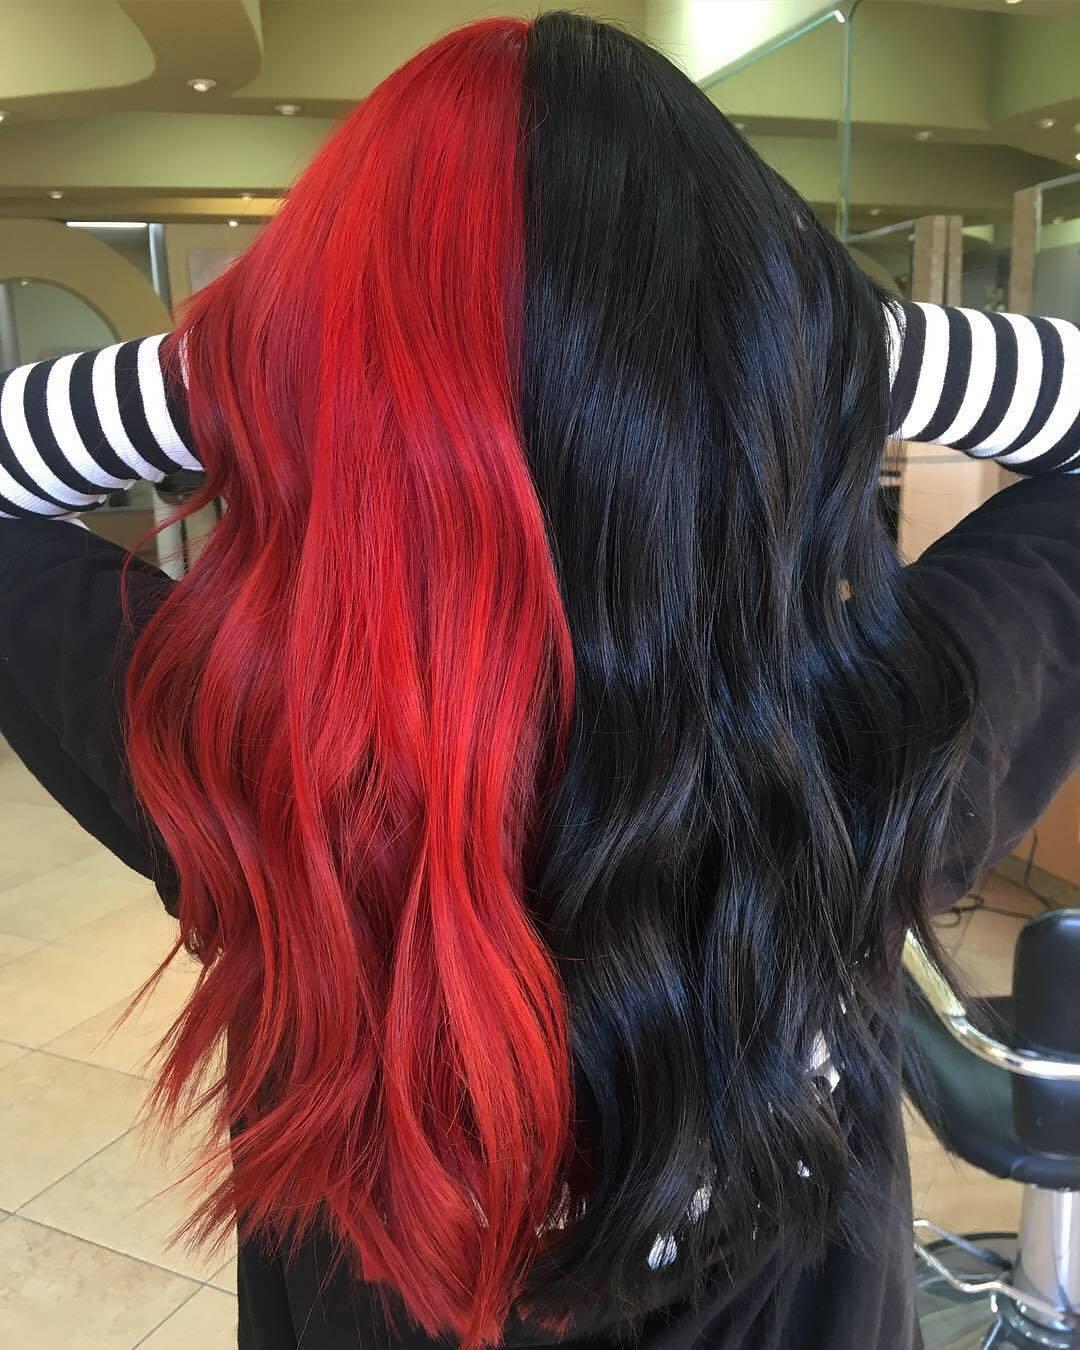 Femme aux longs cheveux teints en noir et rouge